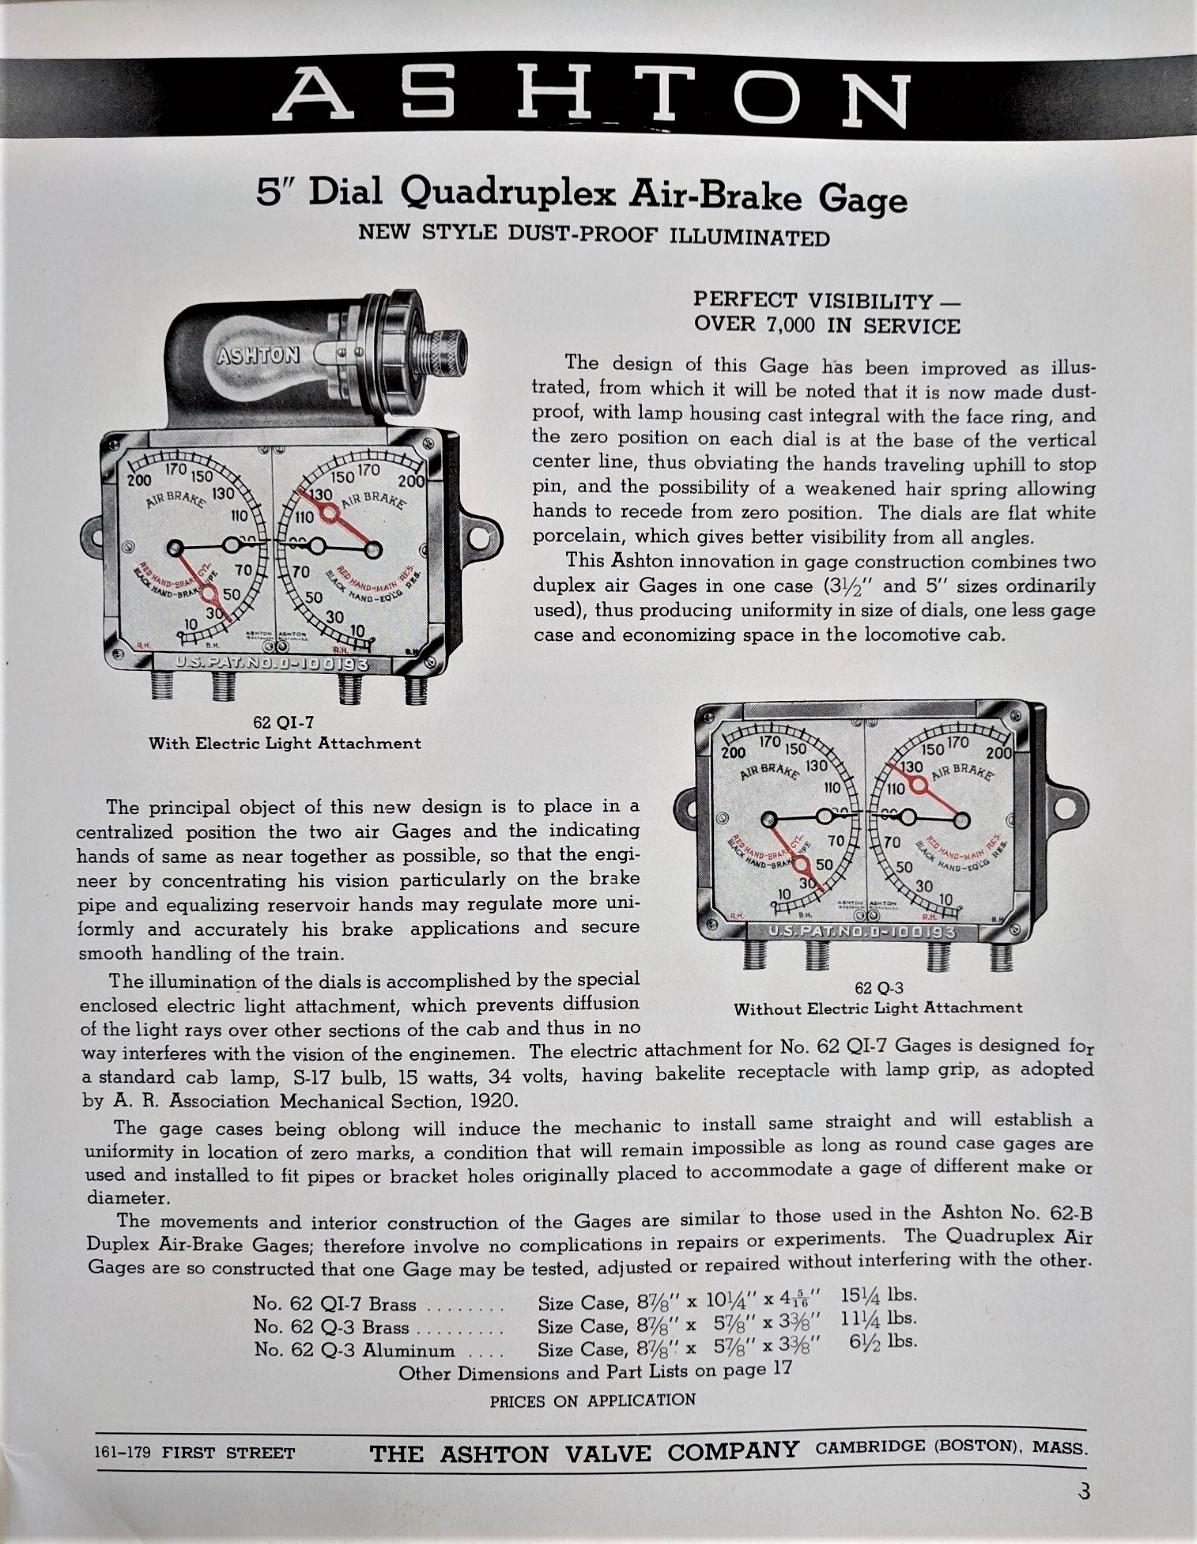 Ashton gage catalog 1941    3.jpg